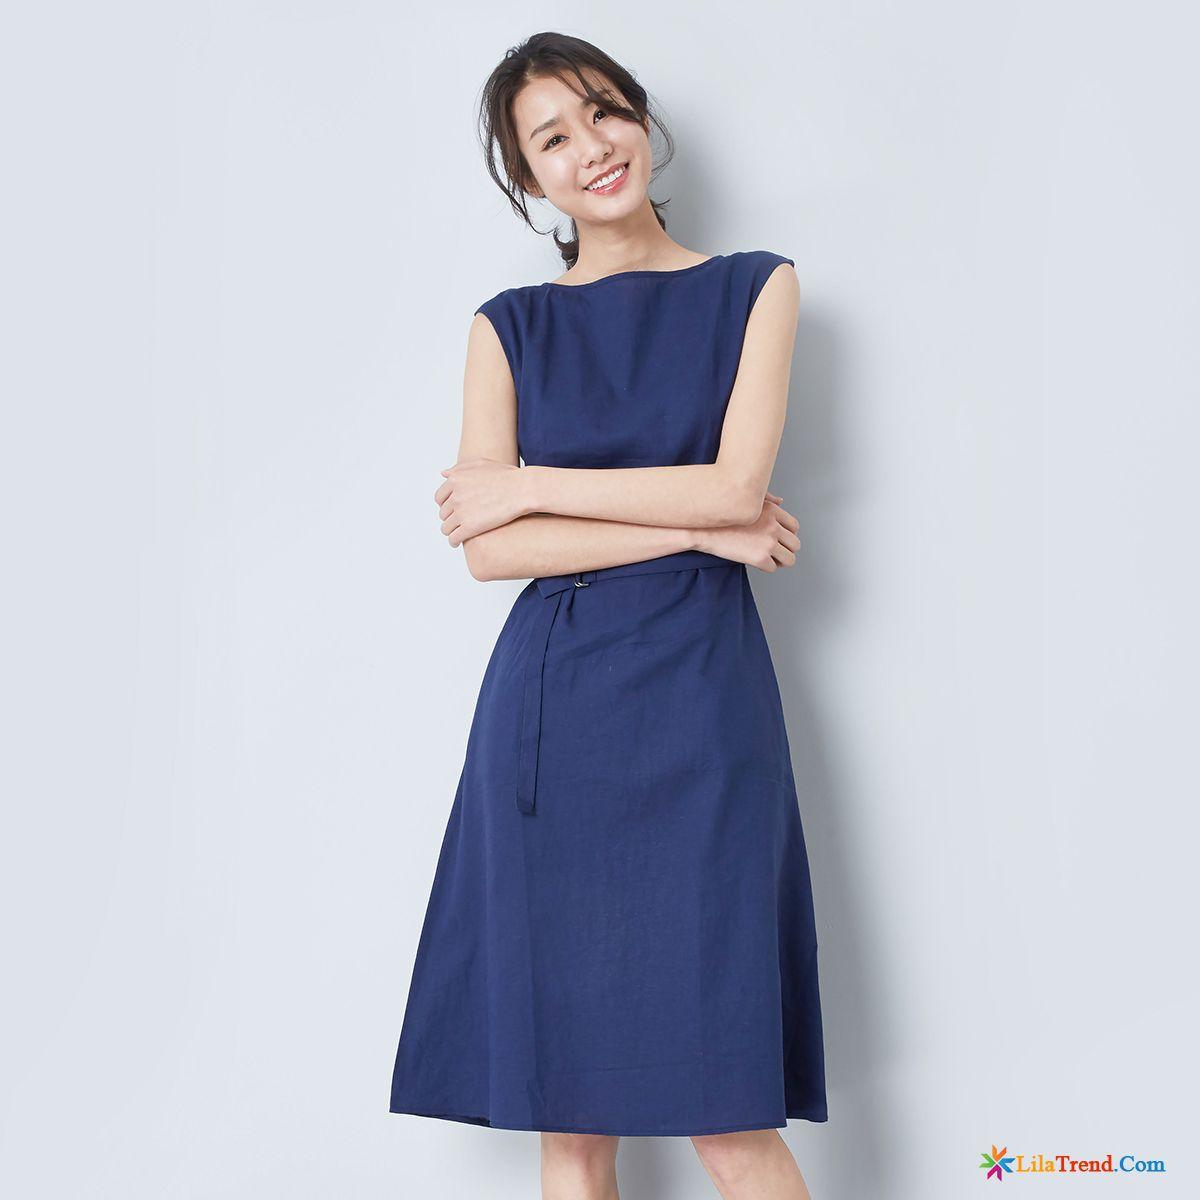 Günstige Kleider Für Damen Kaufen | Lilatrend.com - seite 16